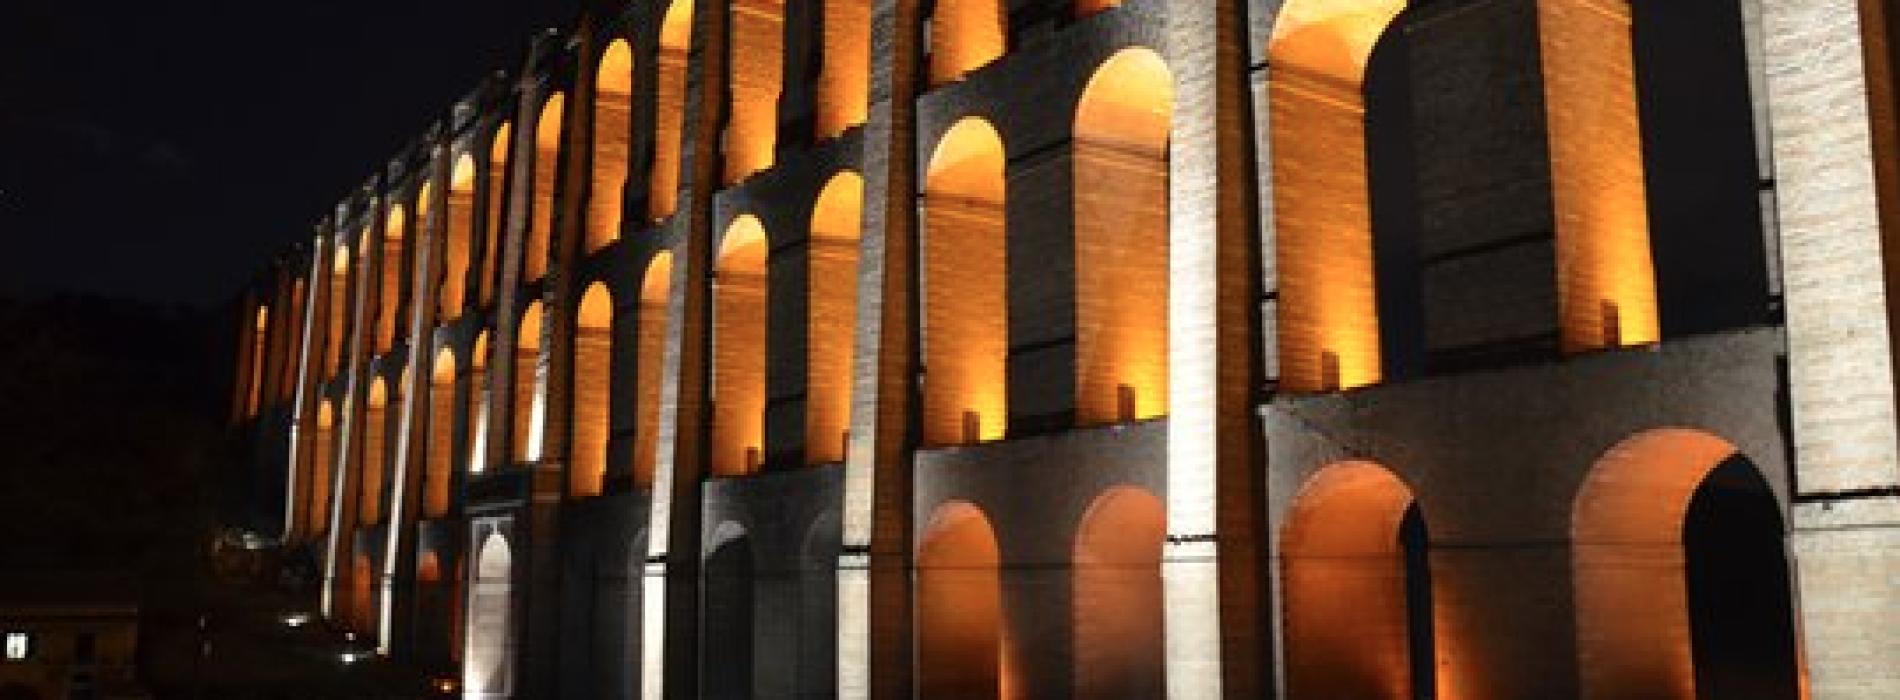 Giornate del Patrimonio. Open il Torrione della Cascata e l'Acquedotto Carolino